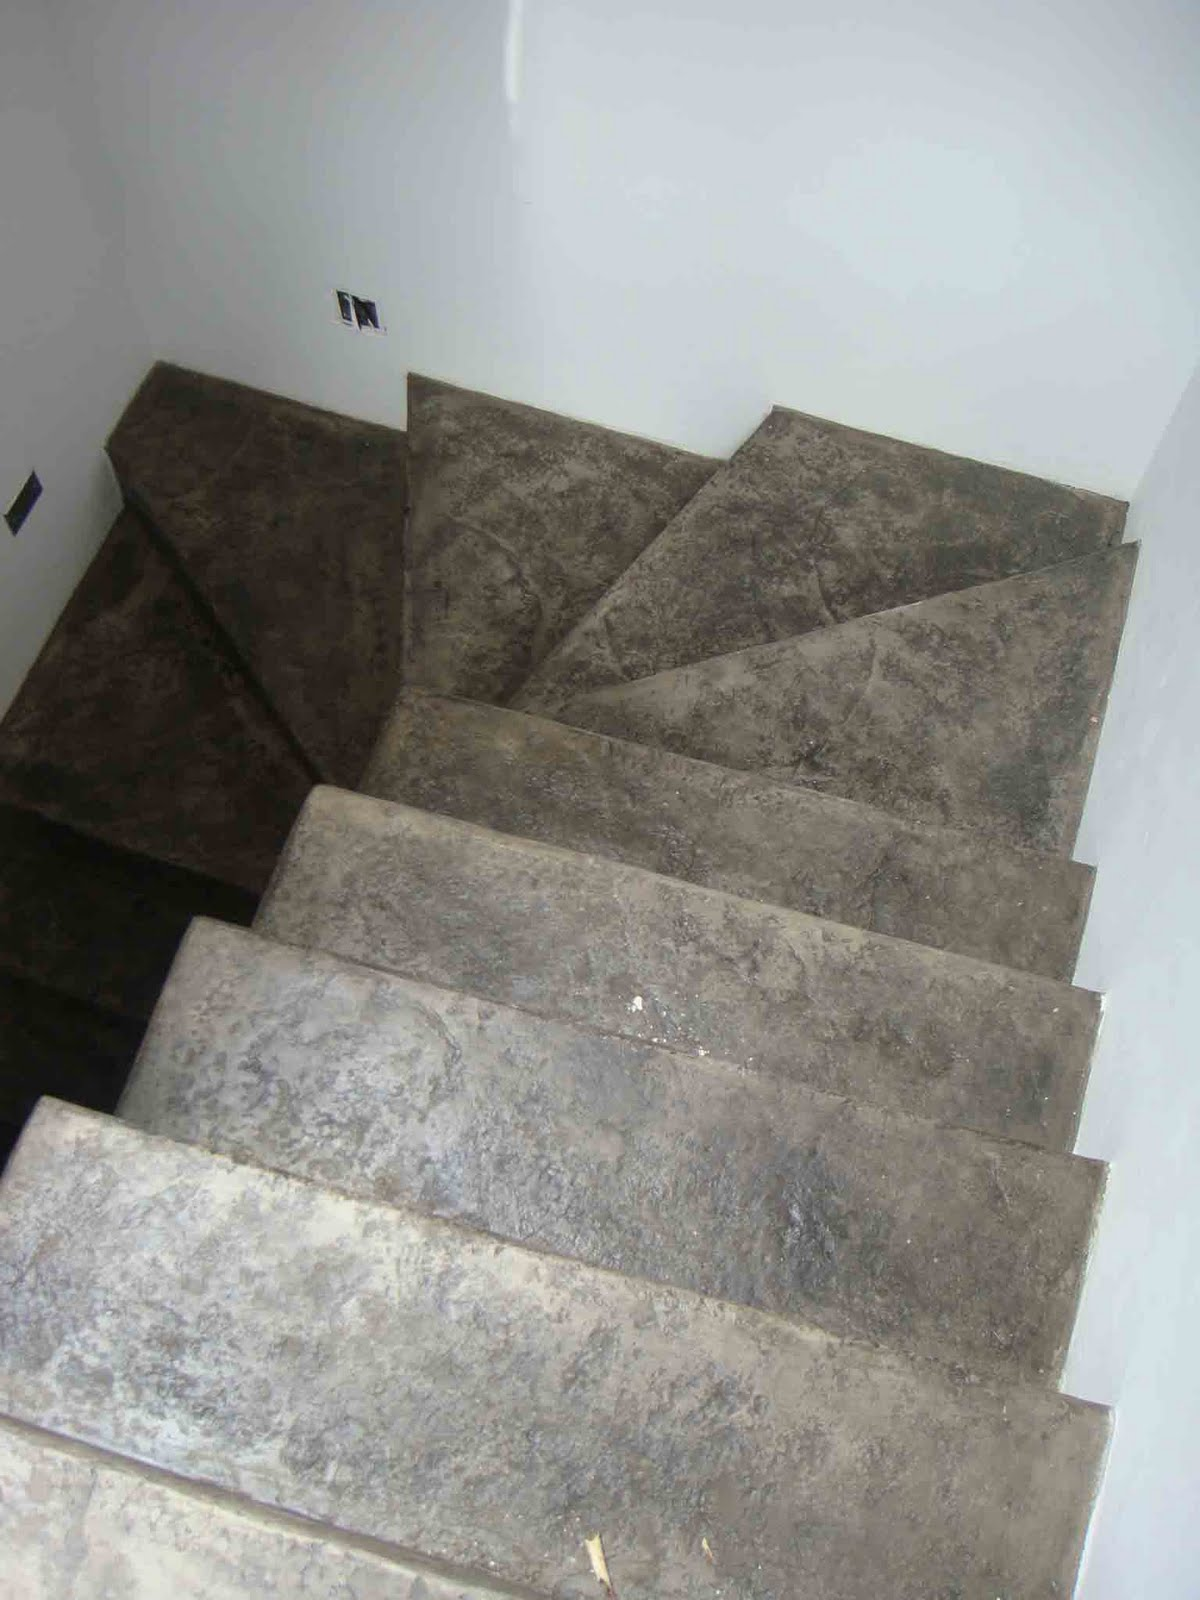 Cristian campos cemento pulido y paredes en blanco for Cemento pulido precio